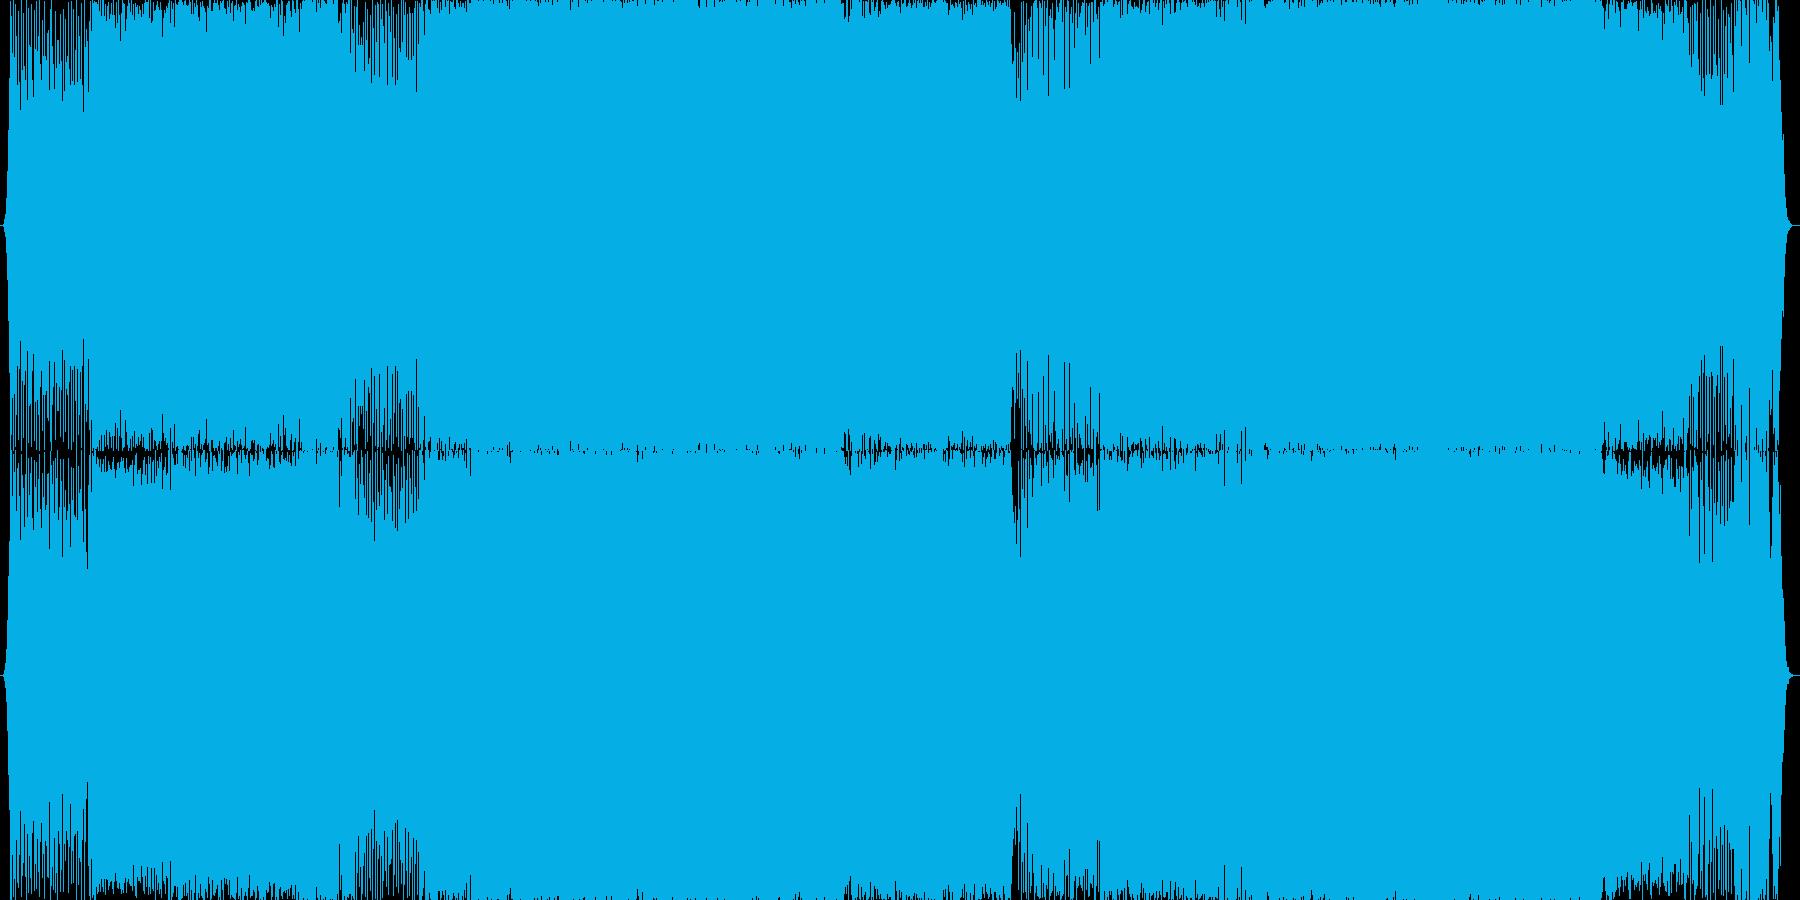 インスト曲の再生済みの波形